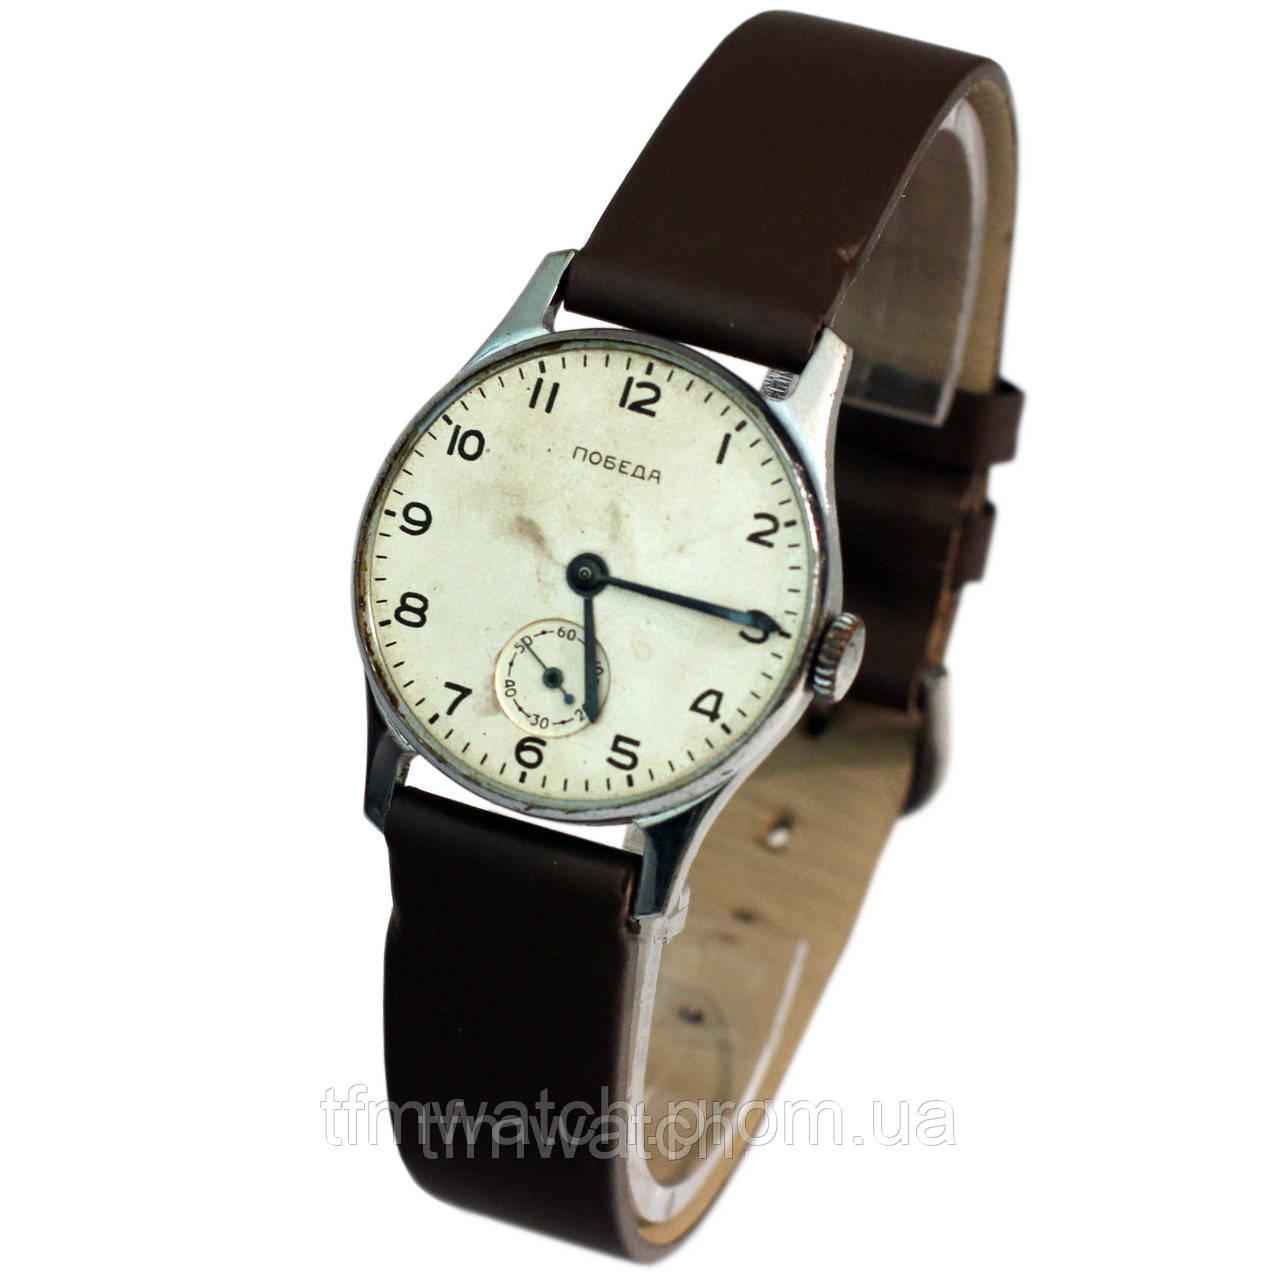 Победа продать часы перспектива екатеринбург часов ломбард